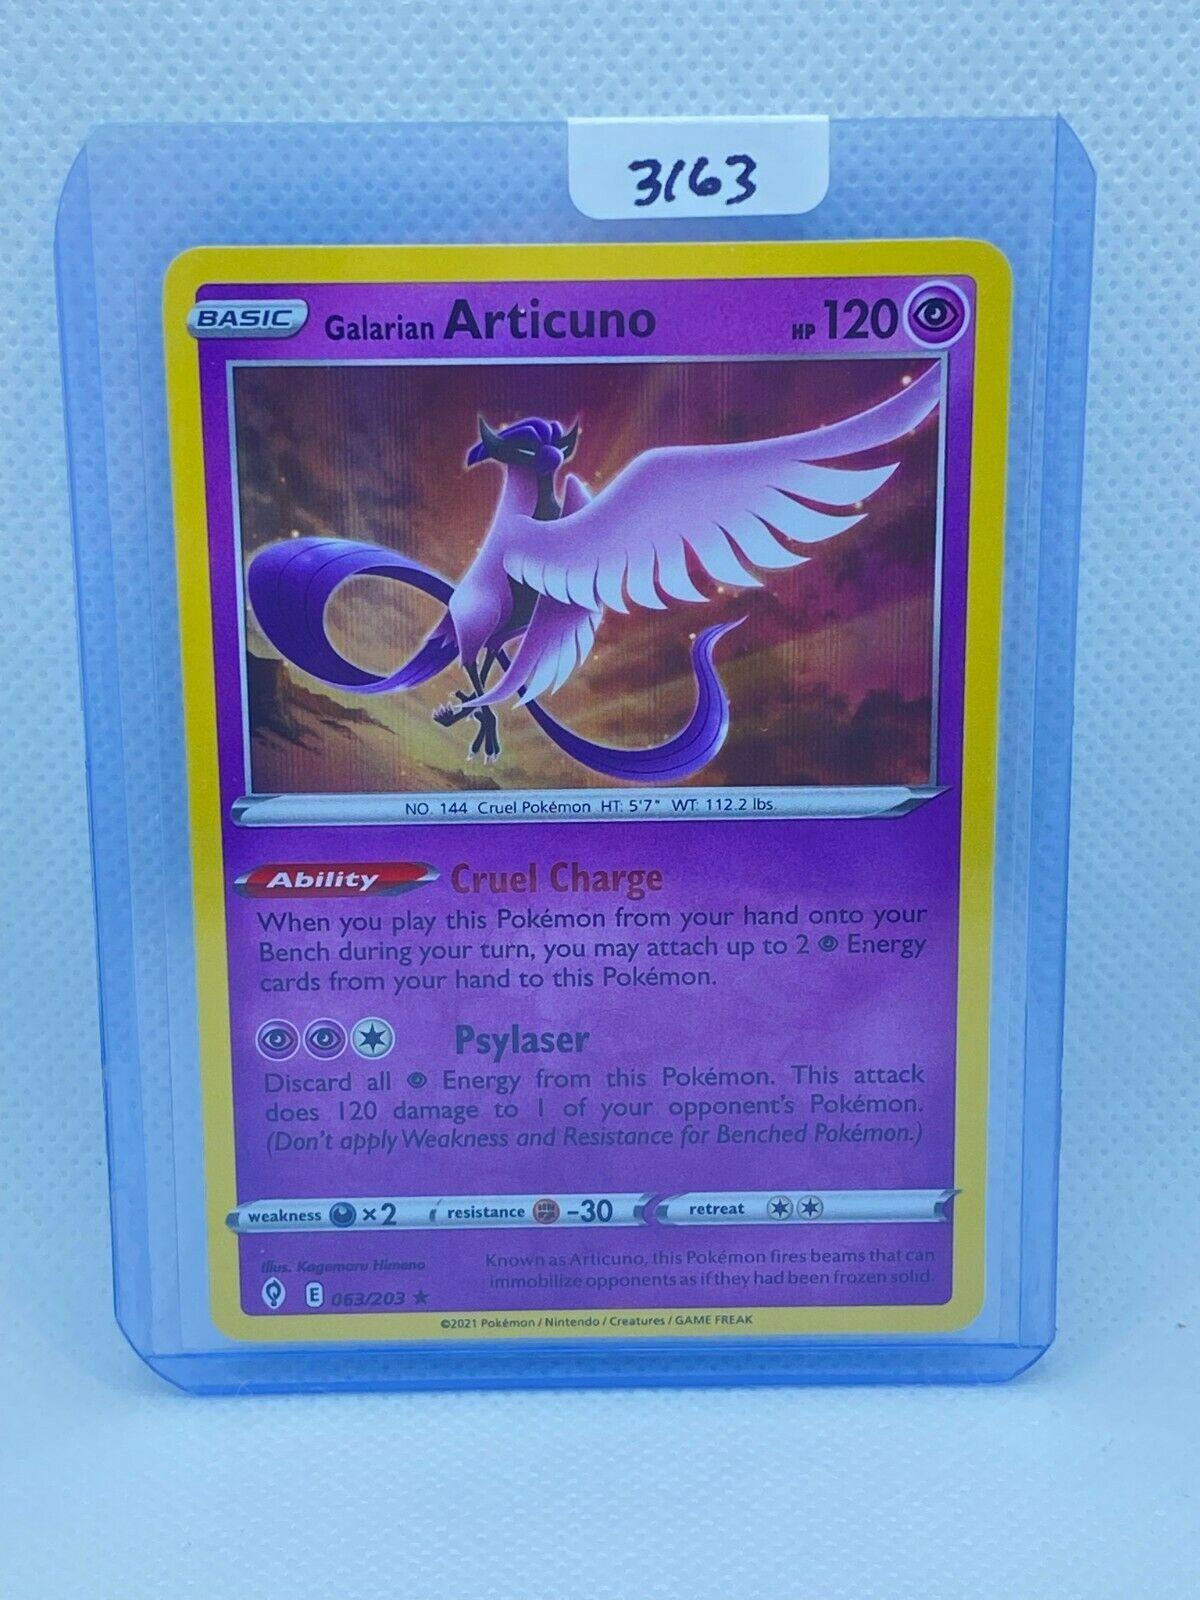 Pokémon TCG Galarian Articuno Holo 063/203 | Evolving Skies | Play/Grade Ready